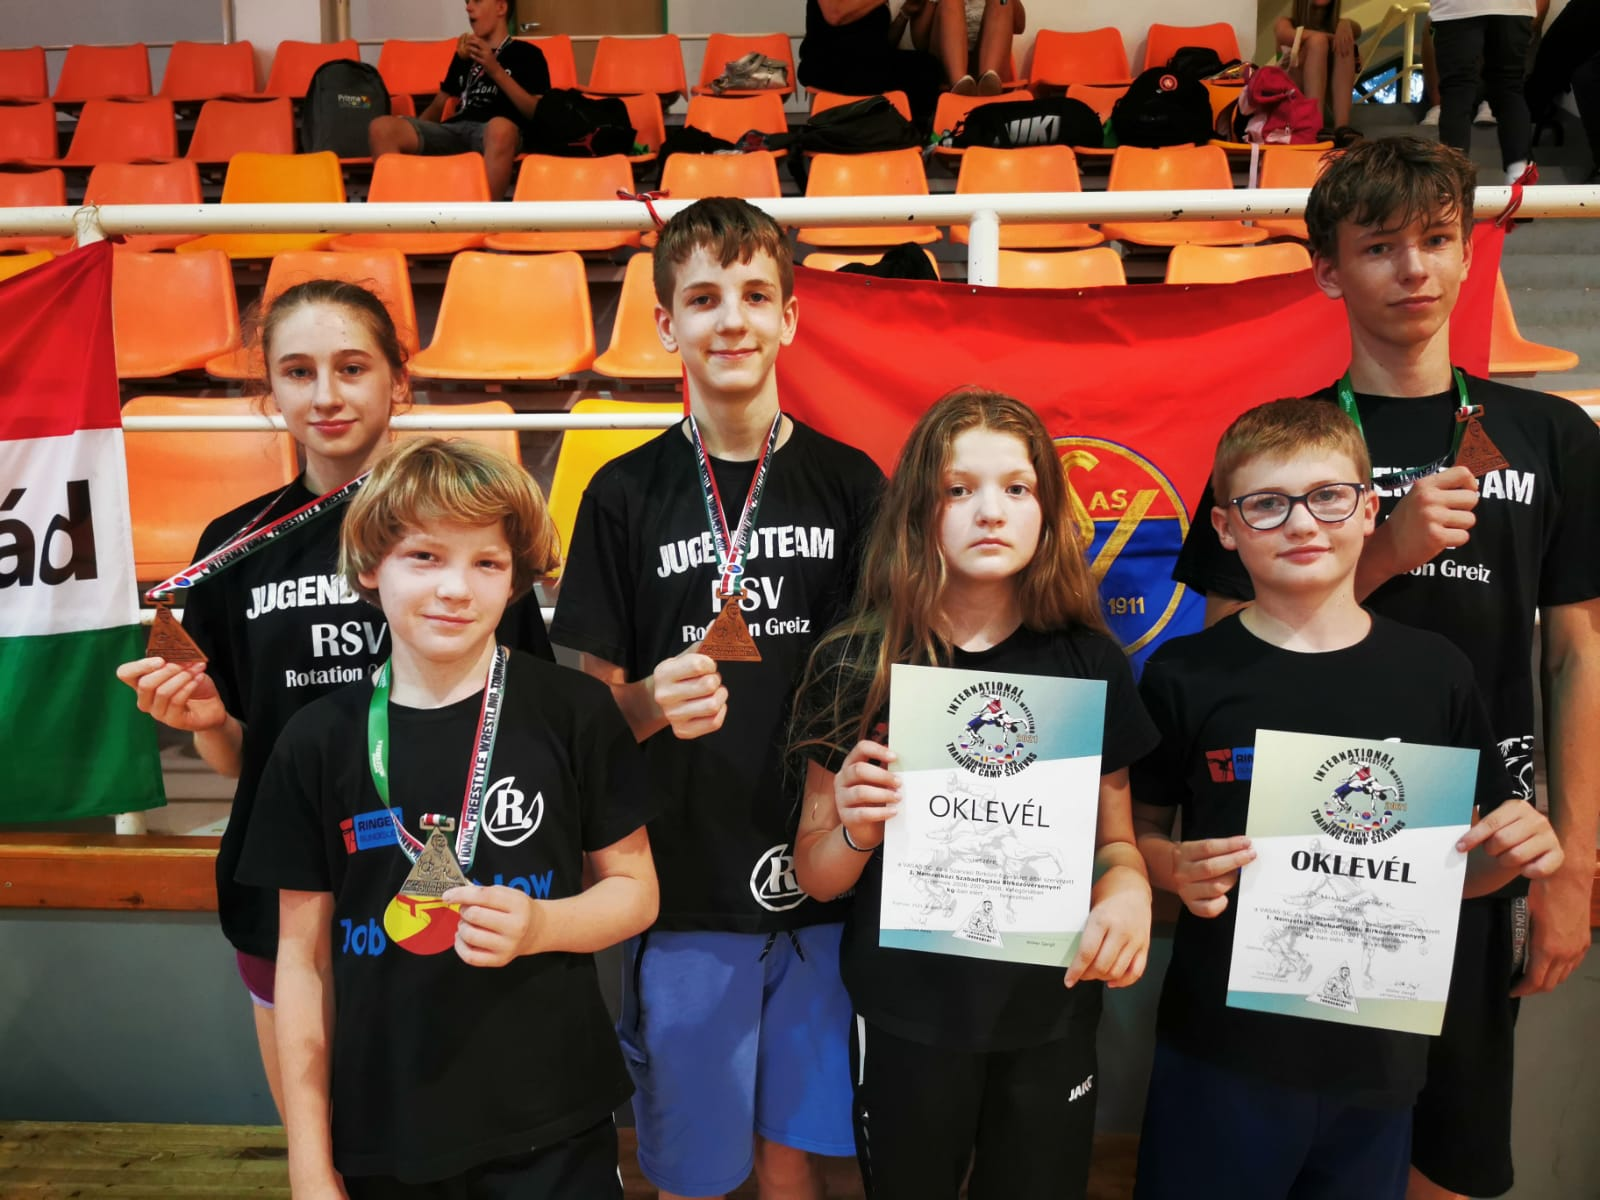 Internationales Turnier in Ungarn